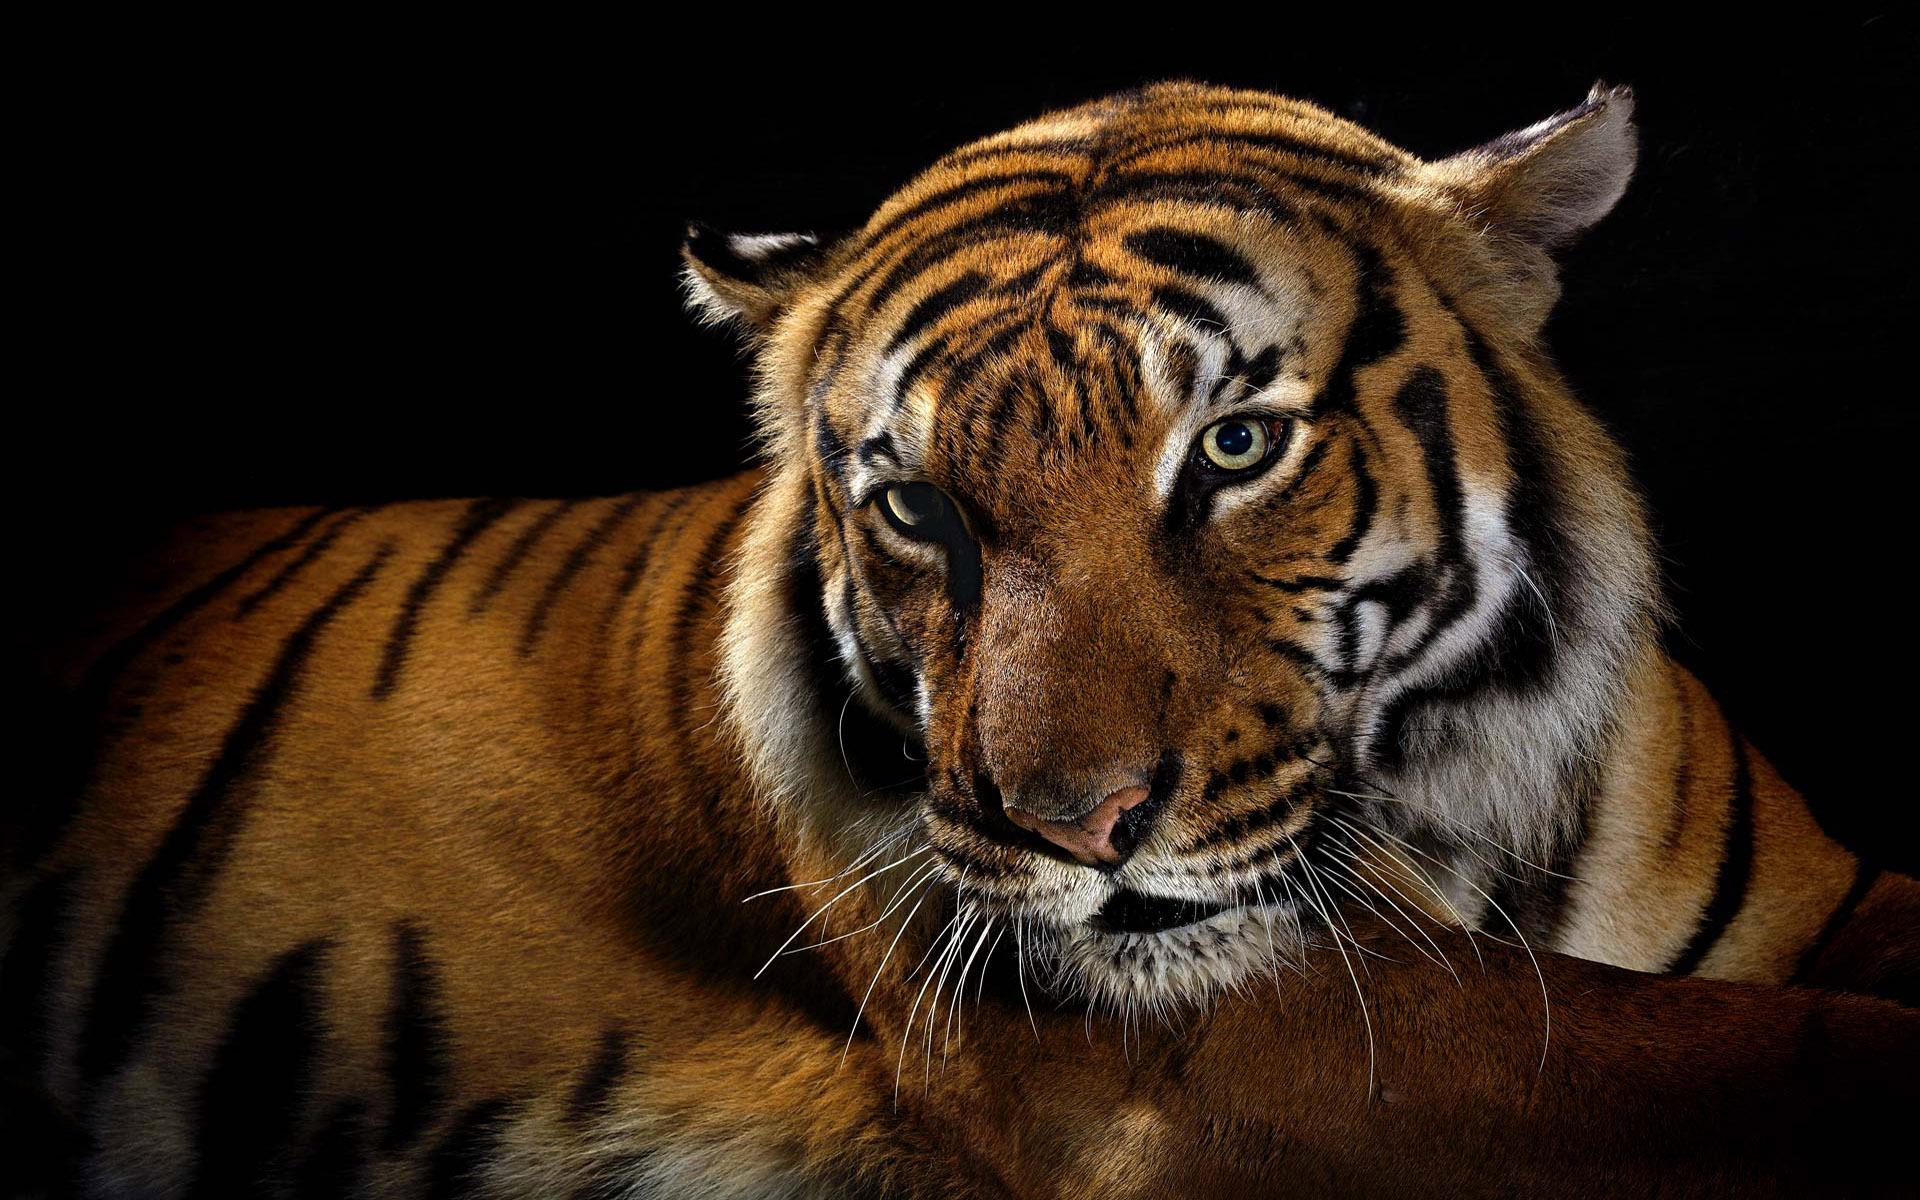 исконно для рабочего стола с тигром картинки двигающиеся можно передавать